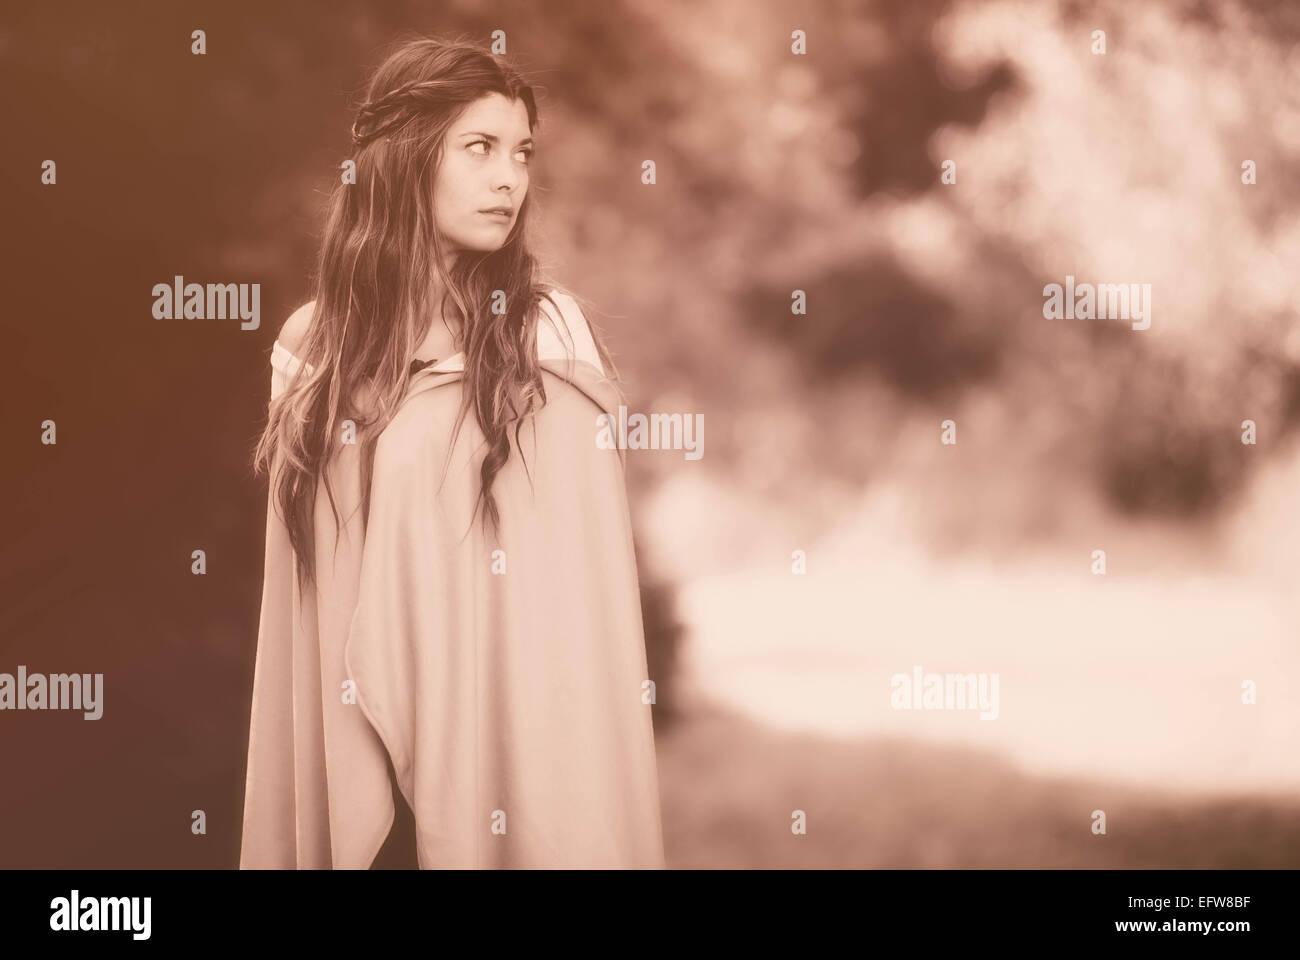 fantasy woman in cloak - Stock Image